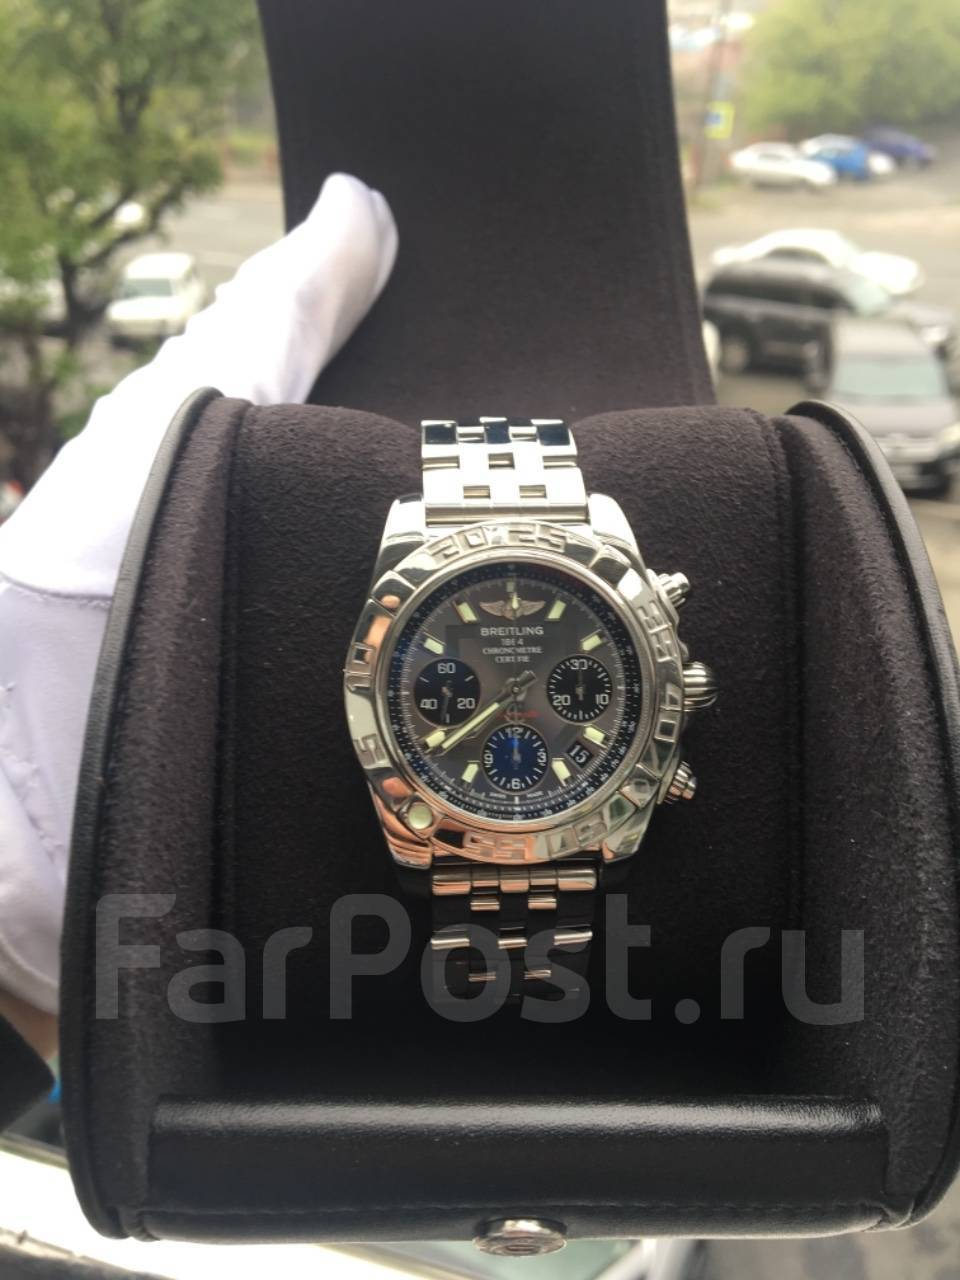 ad353350 Купить часы. Наручные. Мужские и женские! Новые и БУ.